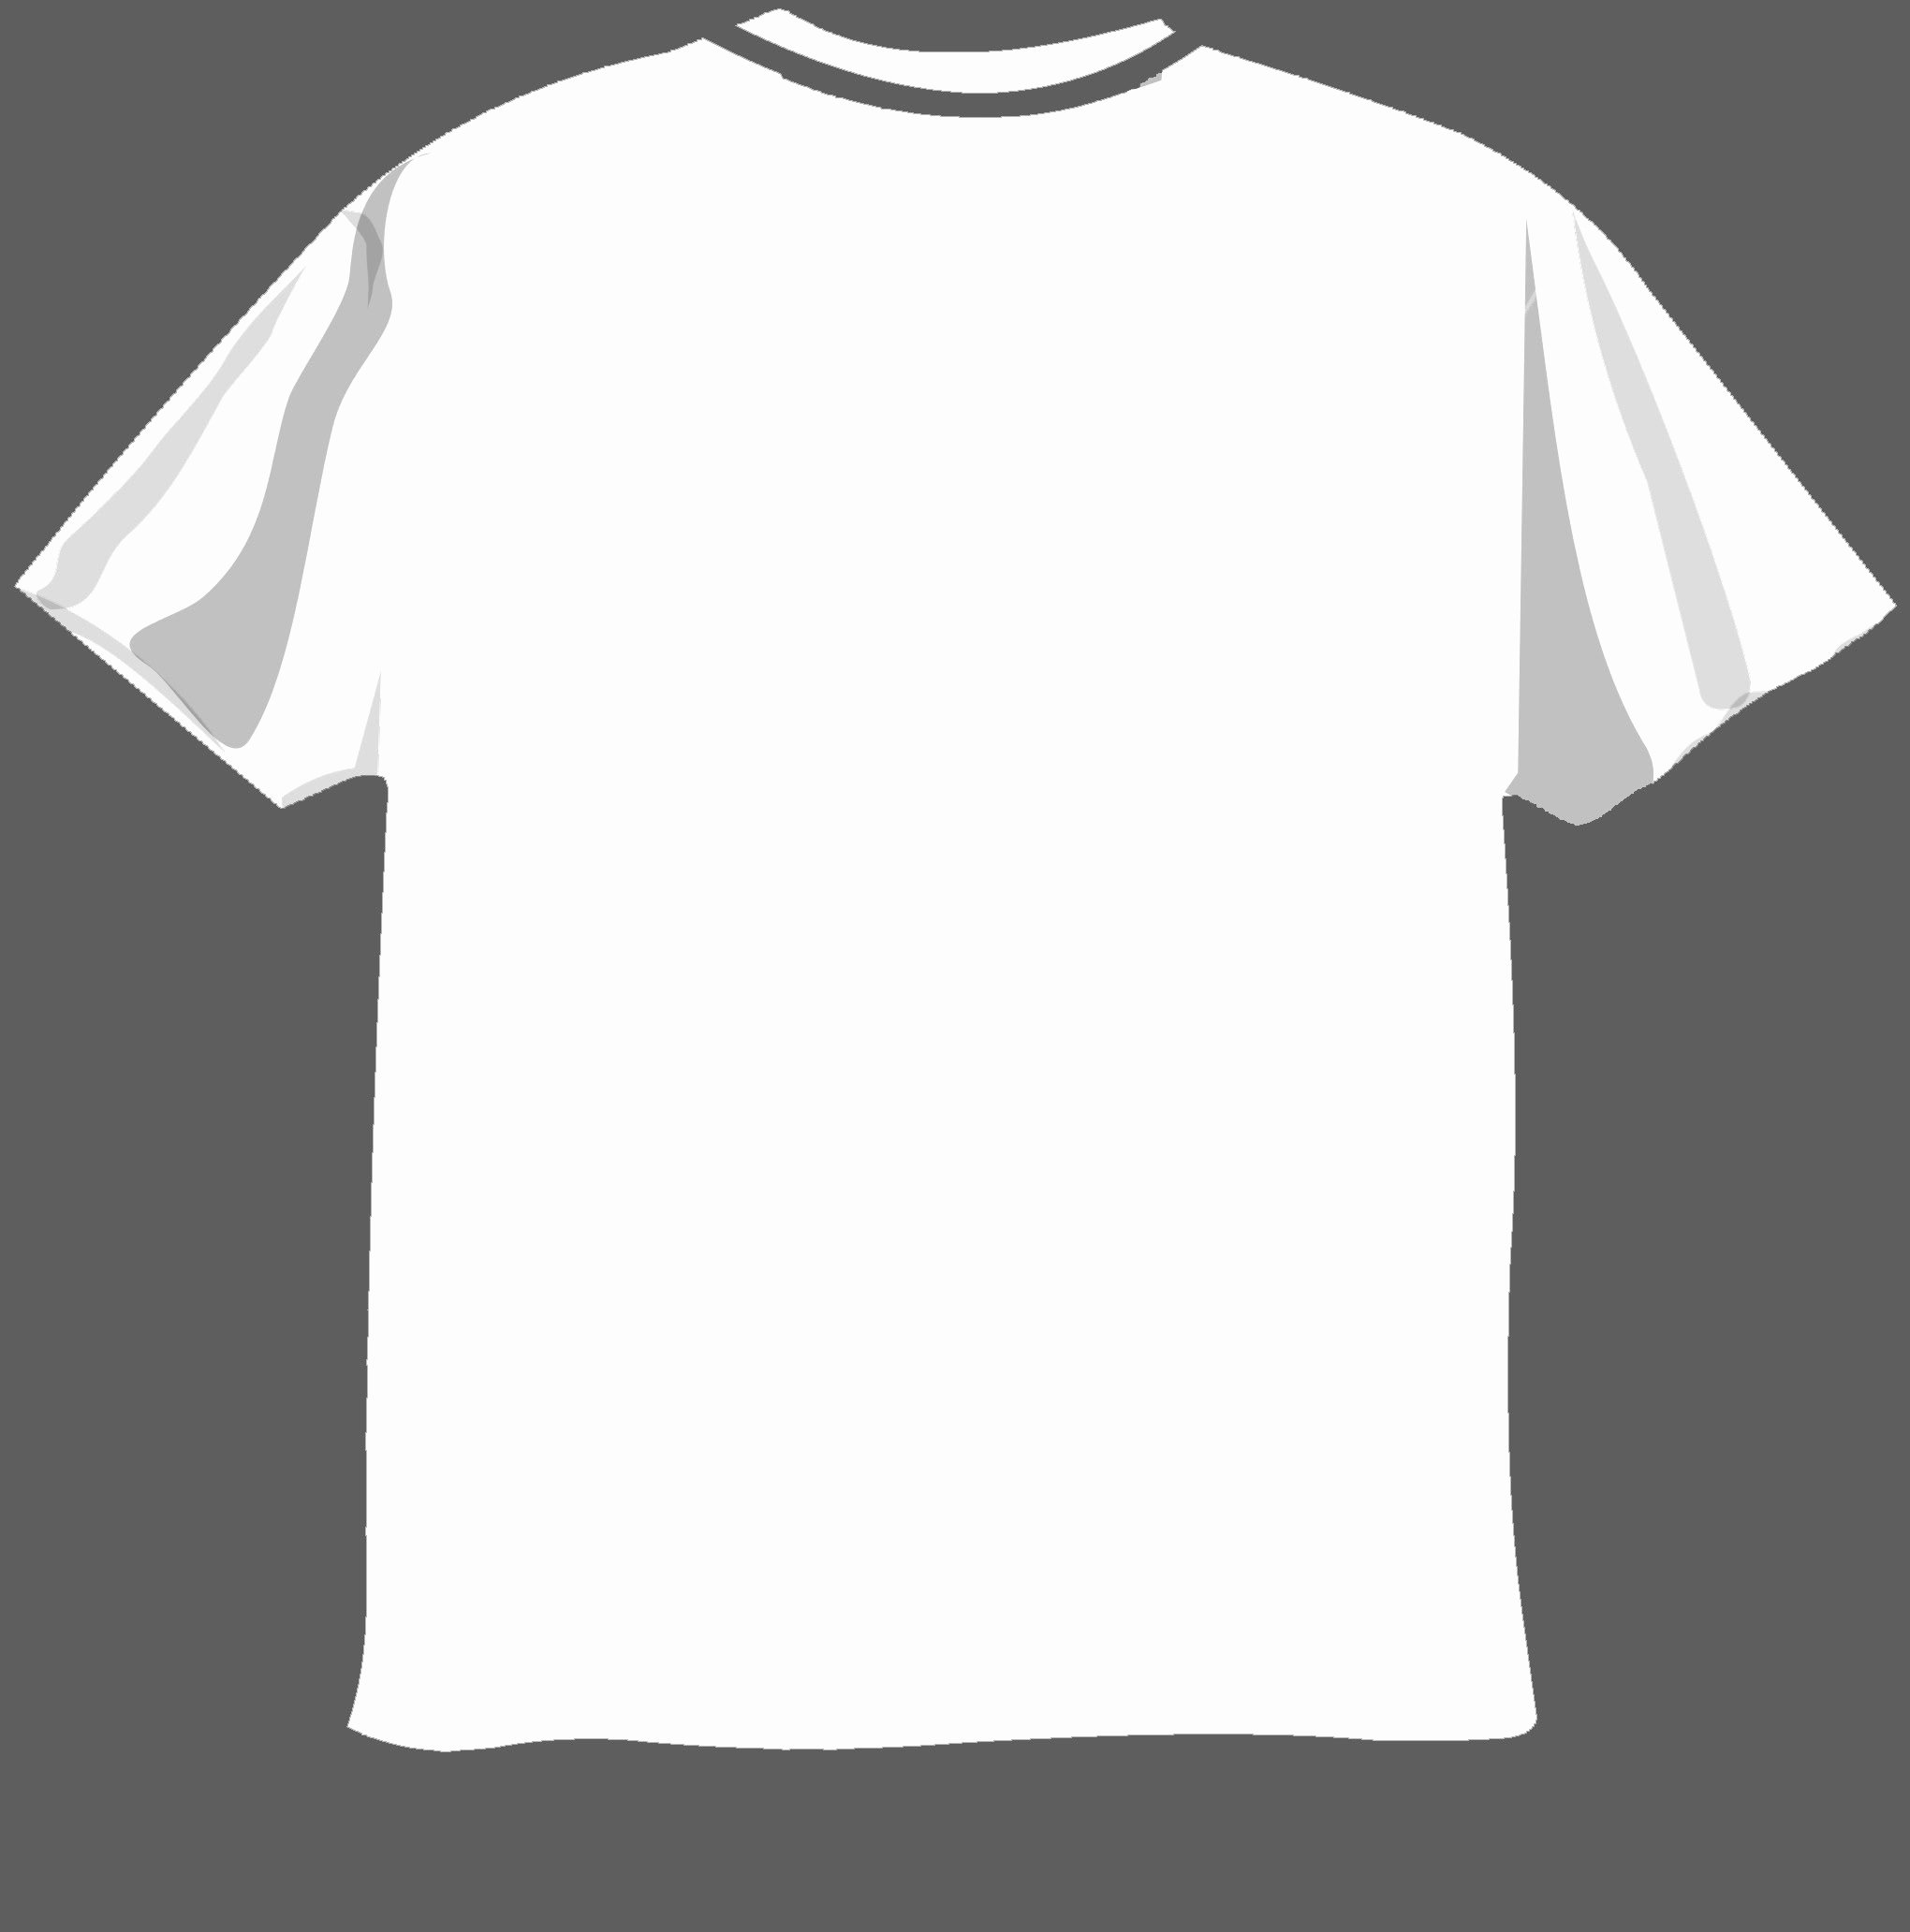 T Shirt Photoshop Template Inspirational T Shirt Template Shop